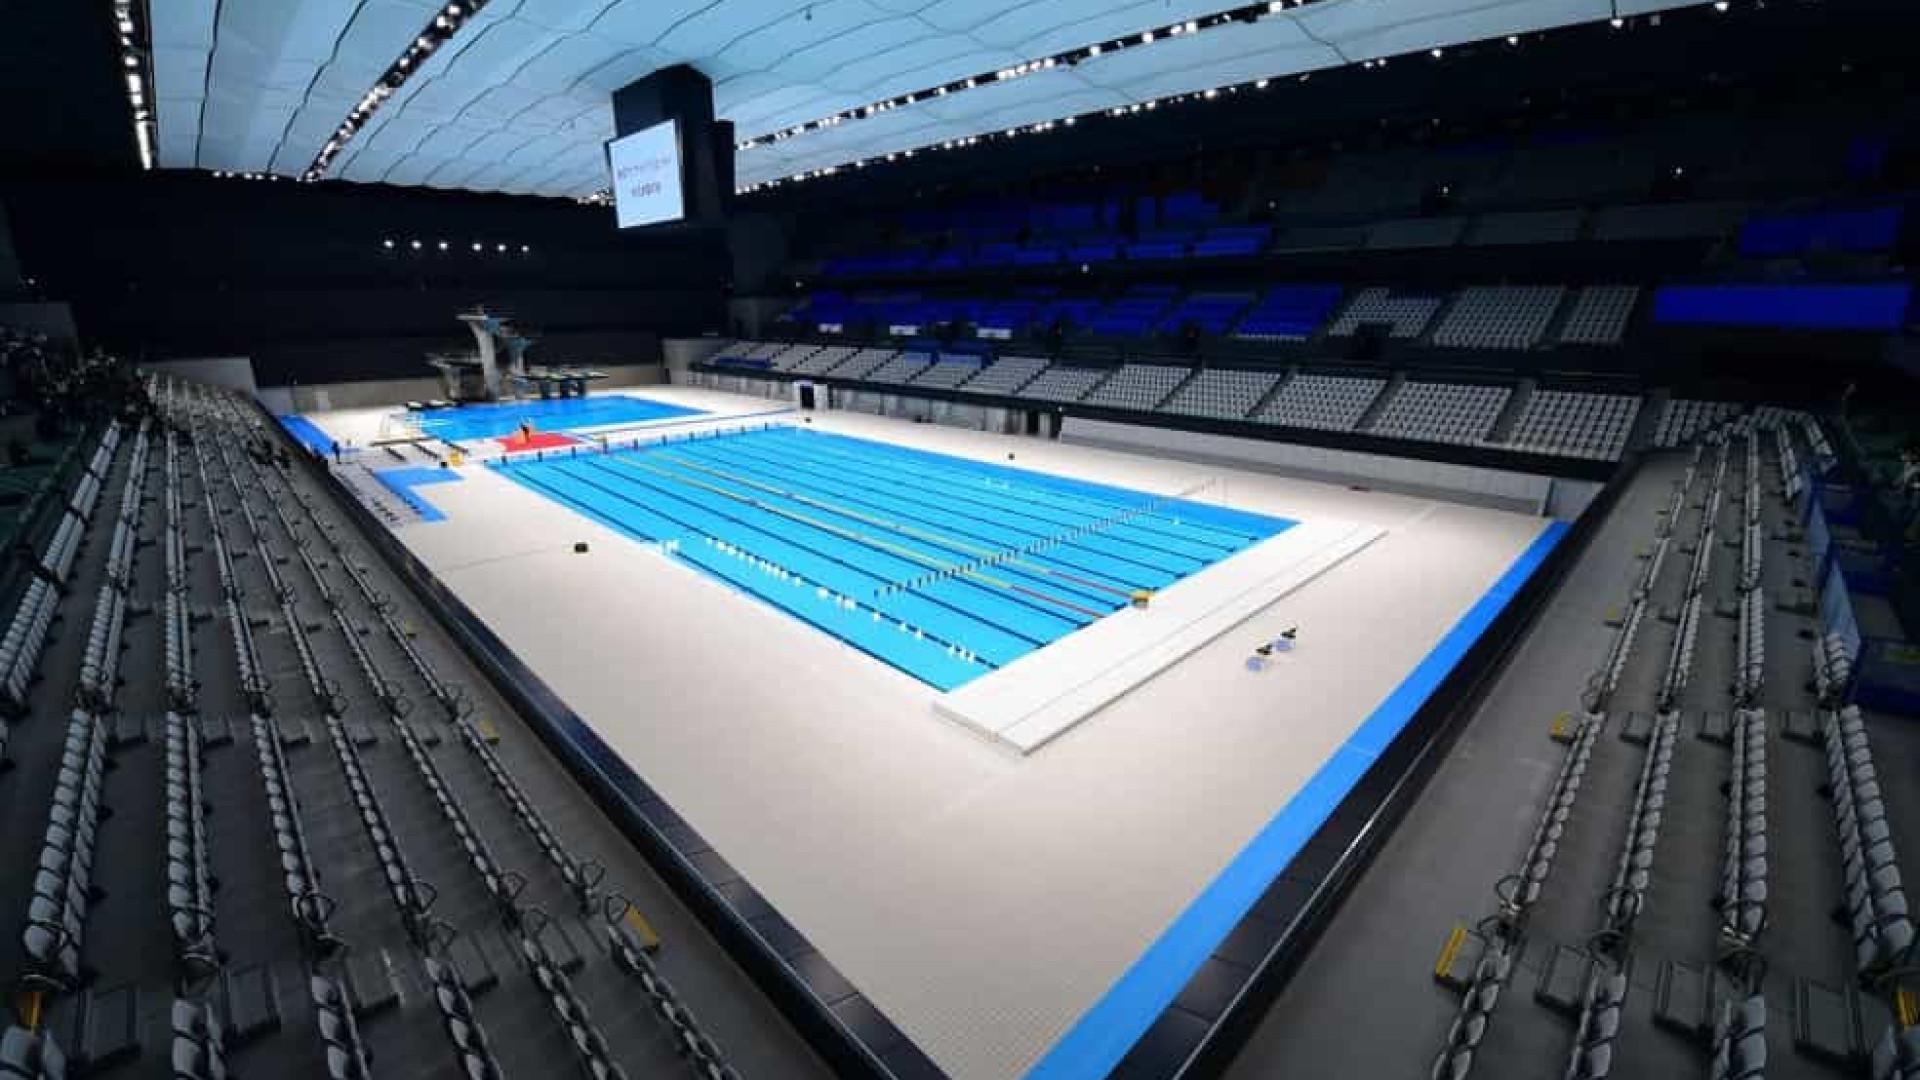 Centro Aquático é inaugurado em Tóquio para disputa dos Jogos Olímpicos em 2021